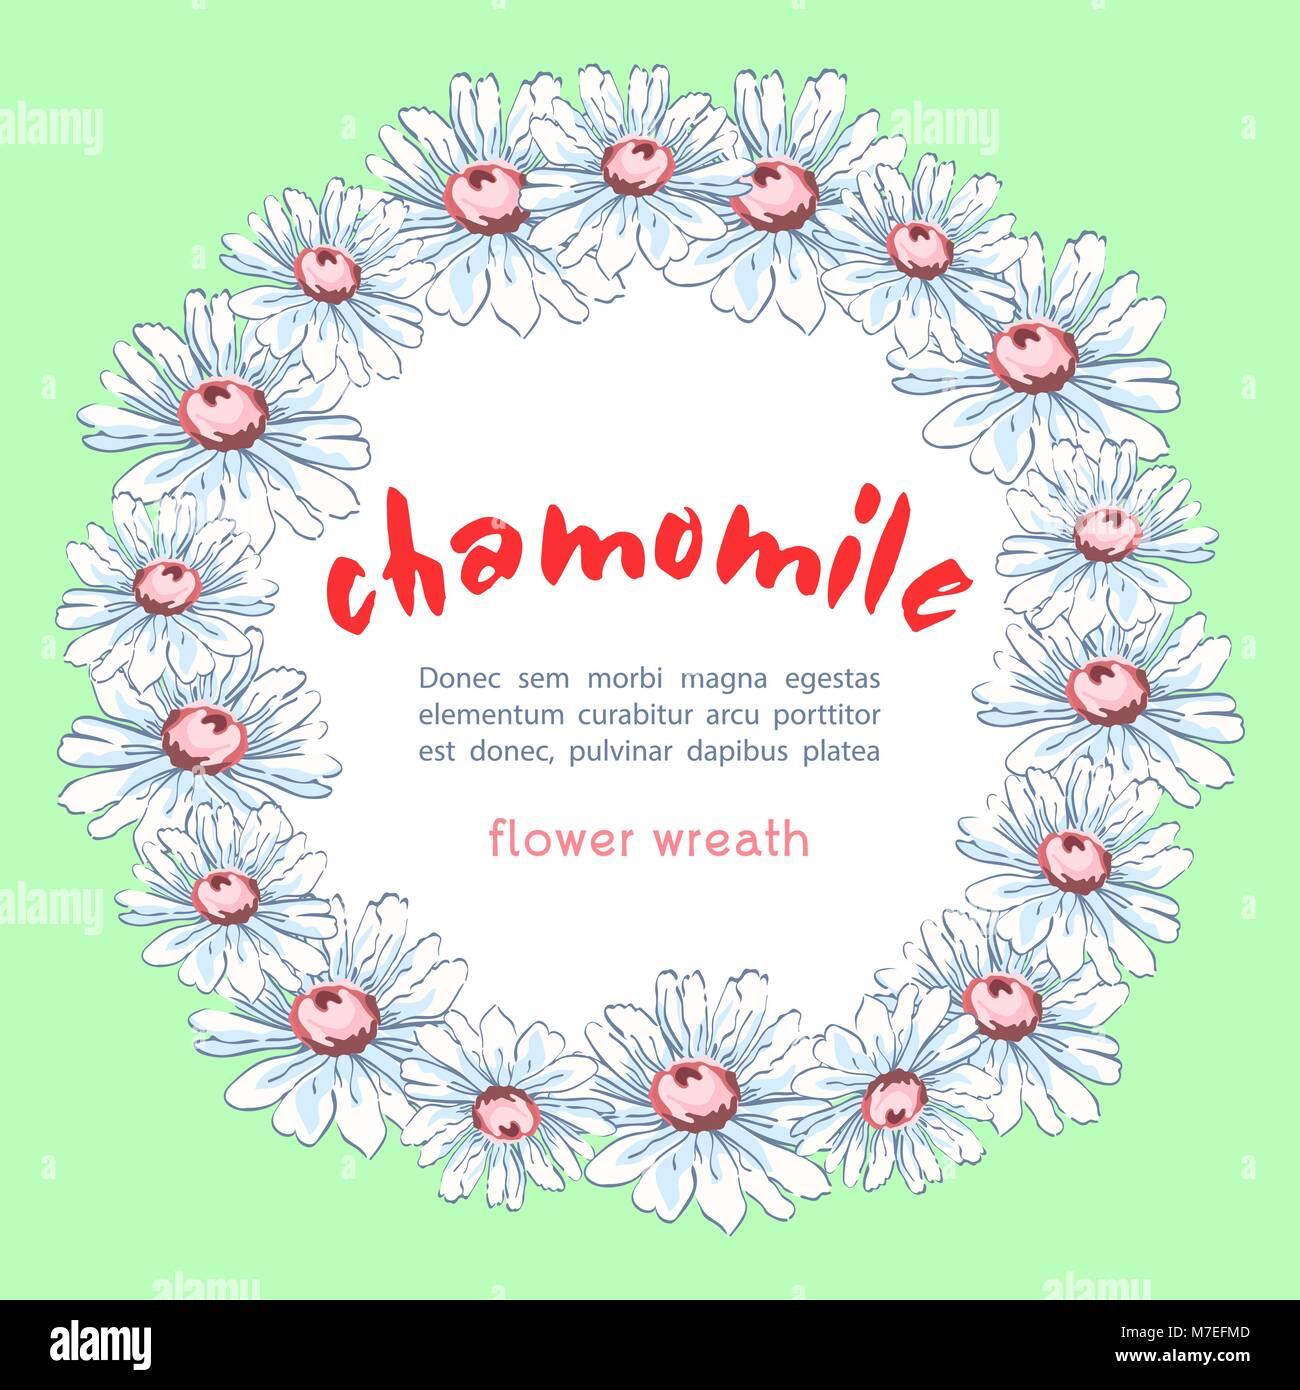 Kranz von kamillenblüten, Vektor floral background, runde Blume ...